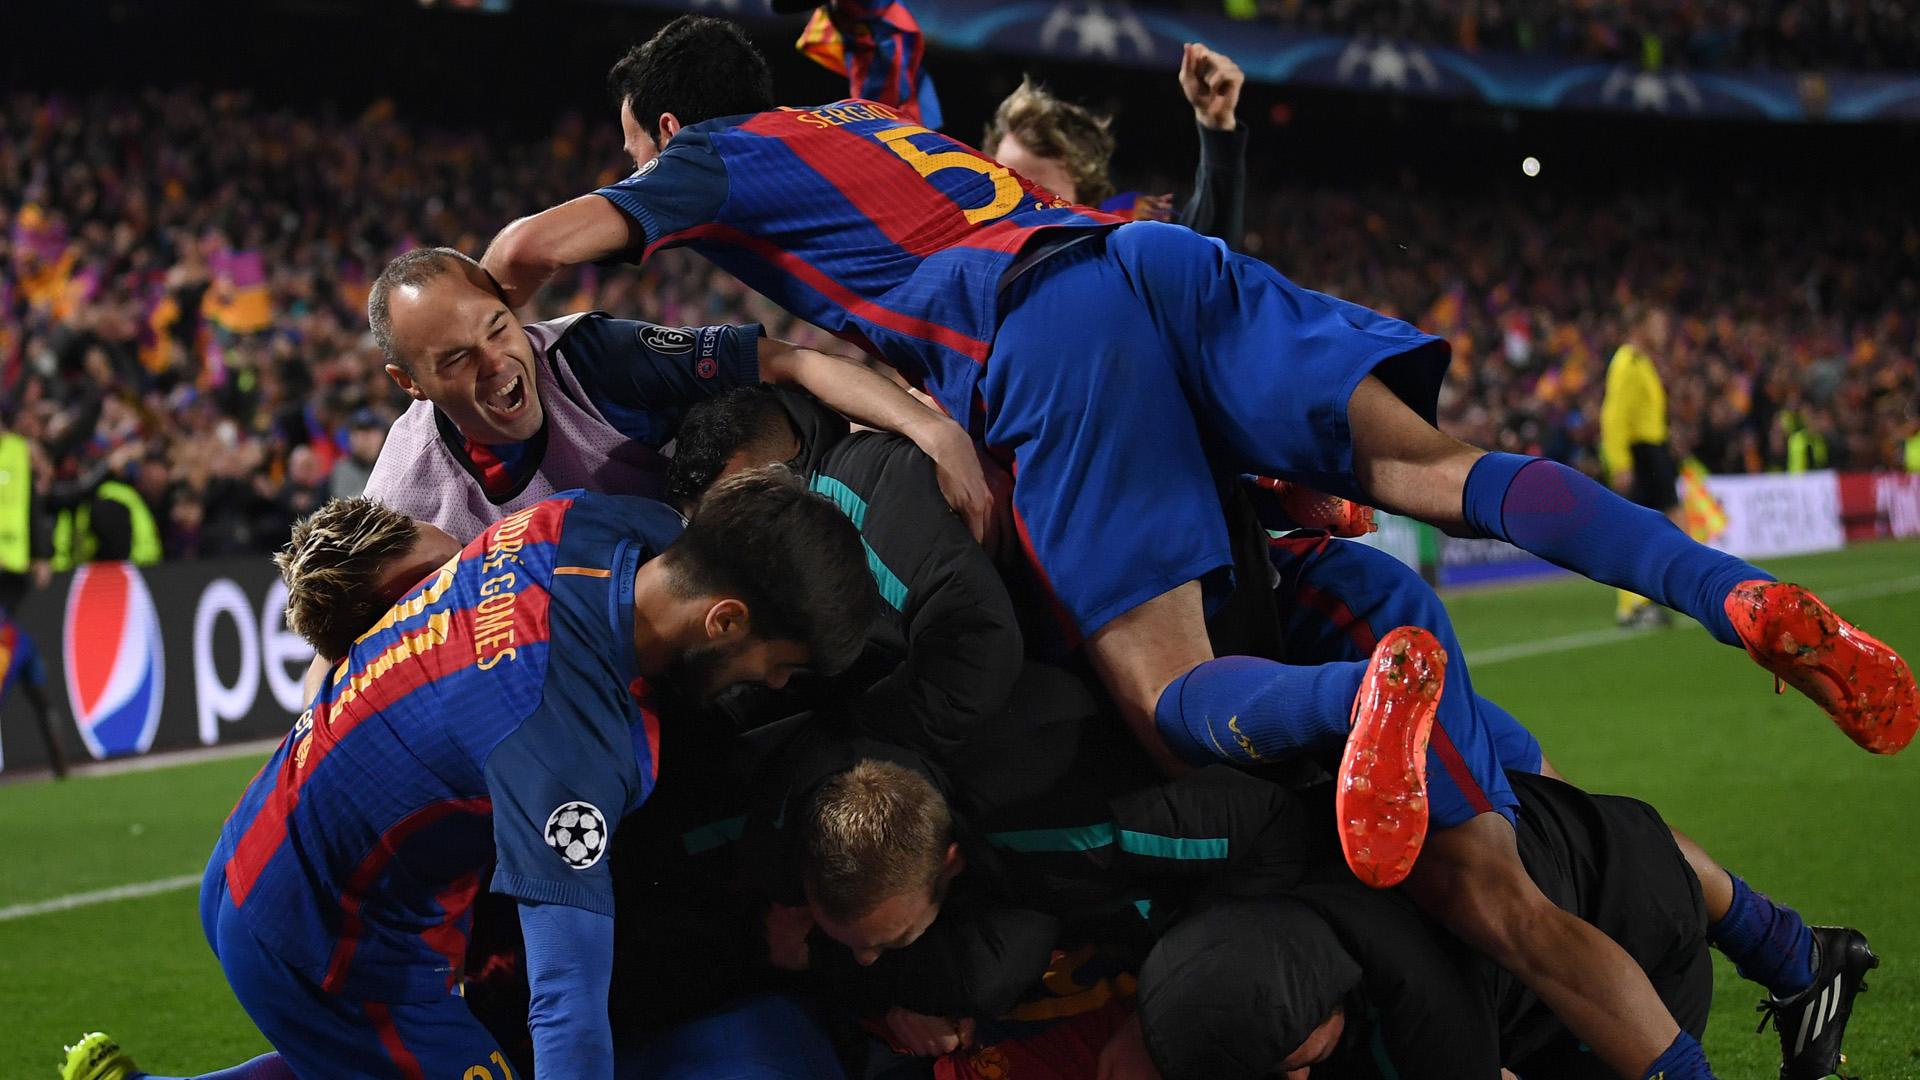 Chau Barcelona: Paulo Dybala renovó con la Juventus hasta el 2022